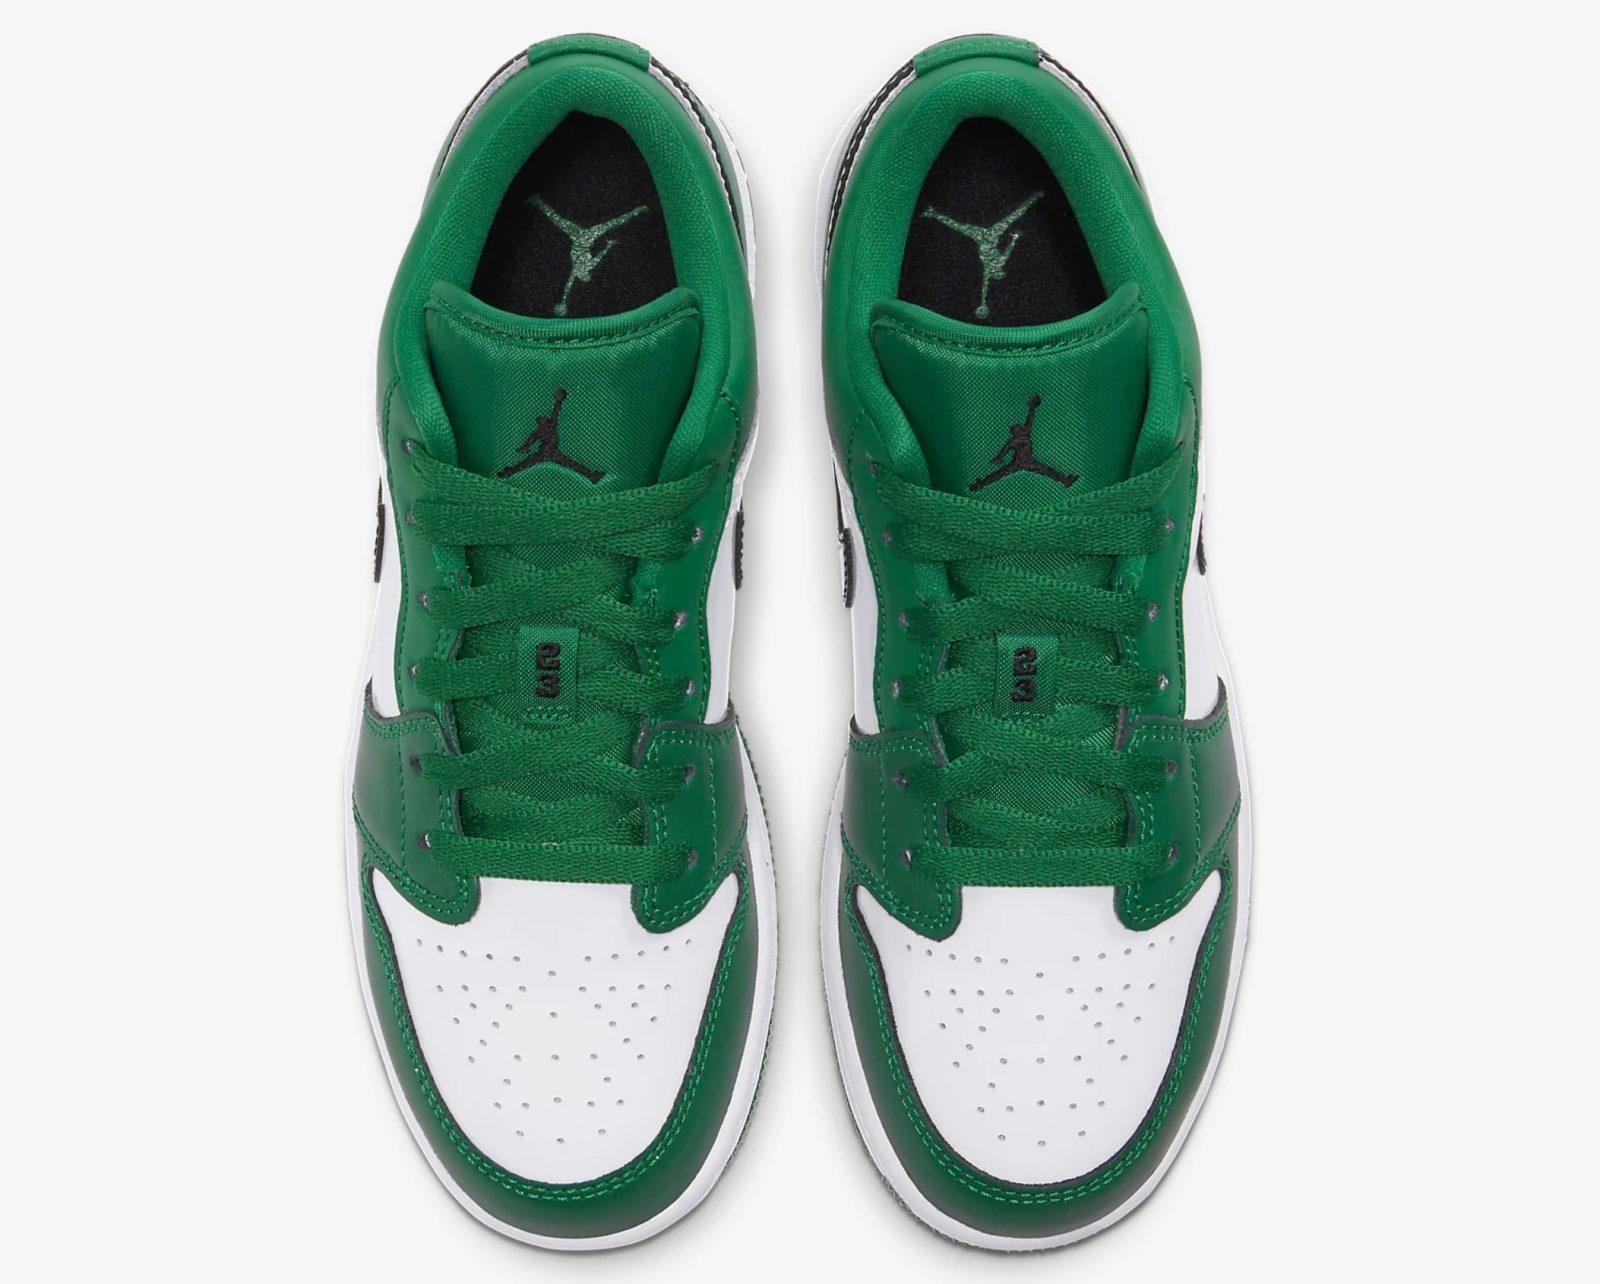 Air Jordan 1 Low Pine Green 553560-301 laces